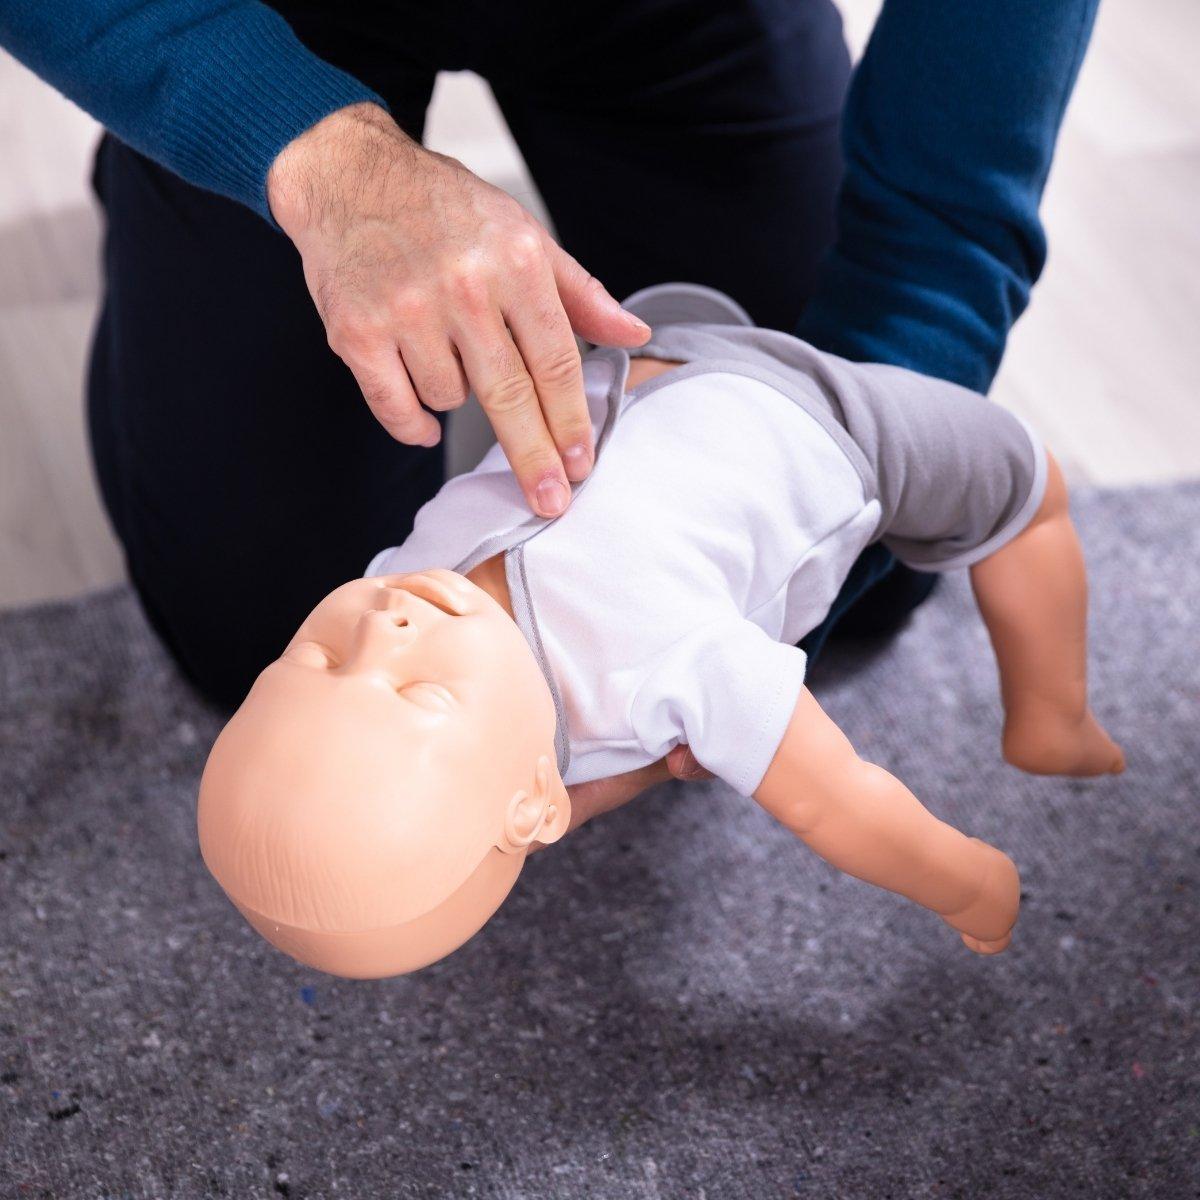 החייאה בילדים ובתינוקות